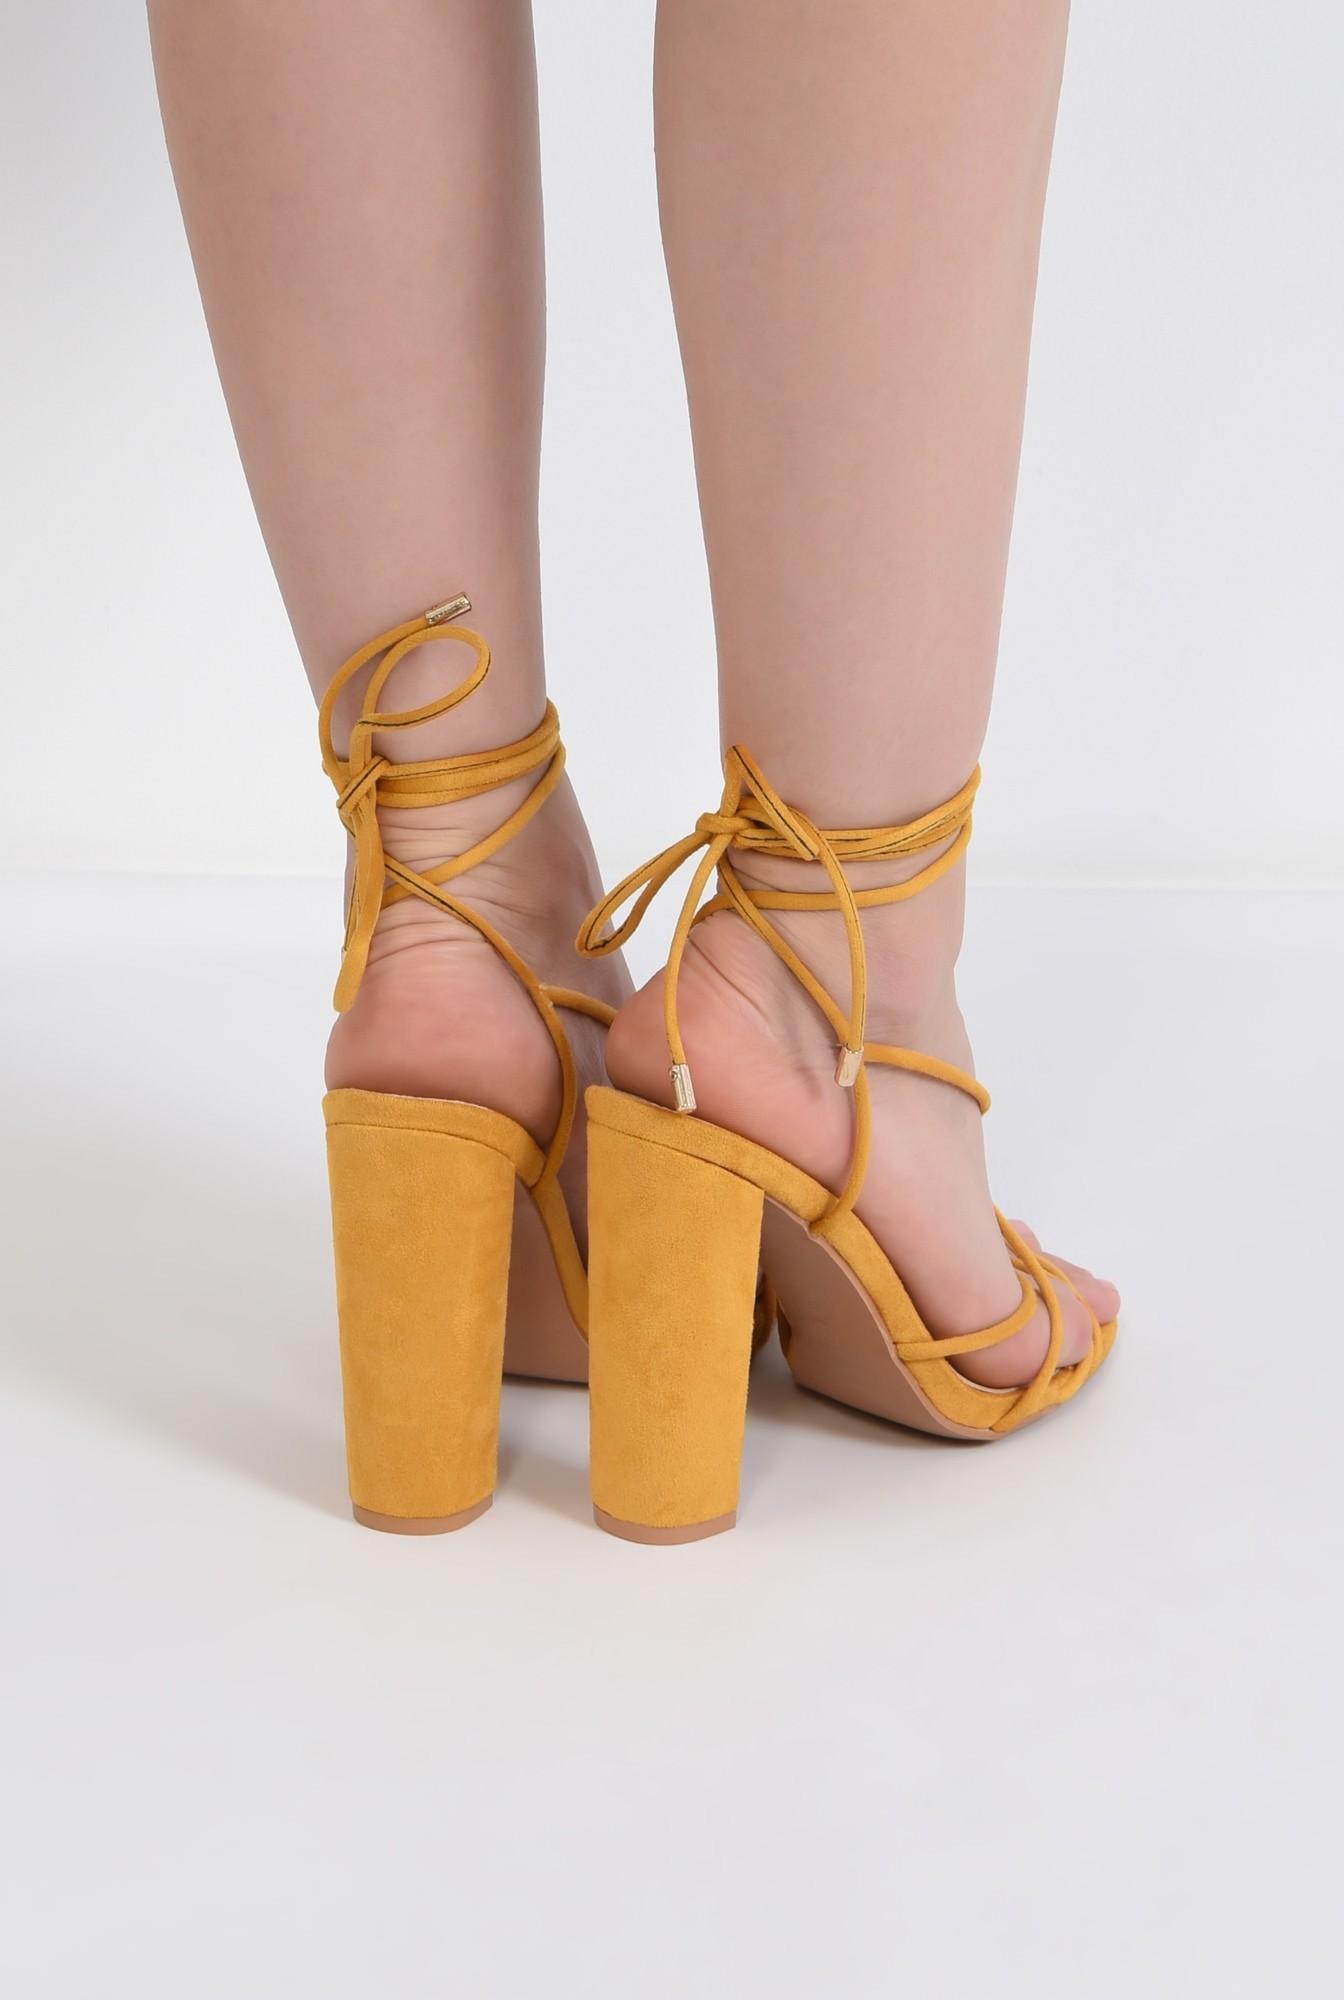 2 - sandale elegante, din velur, mustar, barete tip snur